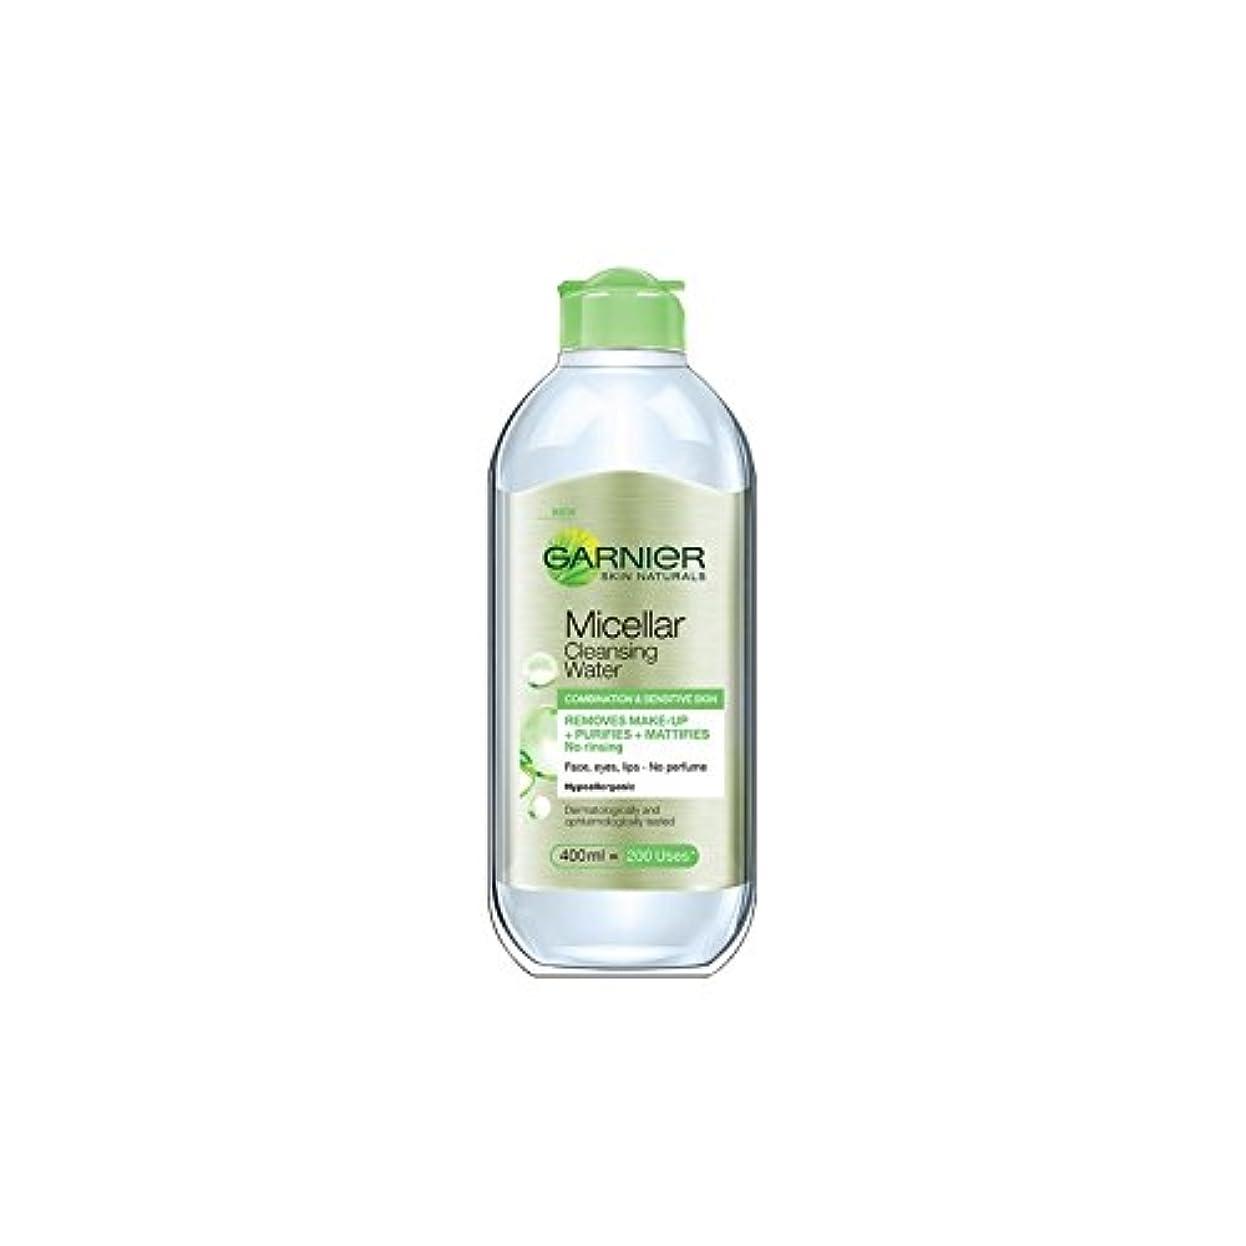 アラブマニュアルタバコ水の組み合わせや敏感肌のクレンジングガルニエ肌ナチュラルミセル(400ミリリットル) x4 - Garnier Skin Naturals Micellar Cleansing Water Combination And Sensitive Skin (400ml) (Pack of 4) [並行輸入品]